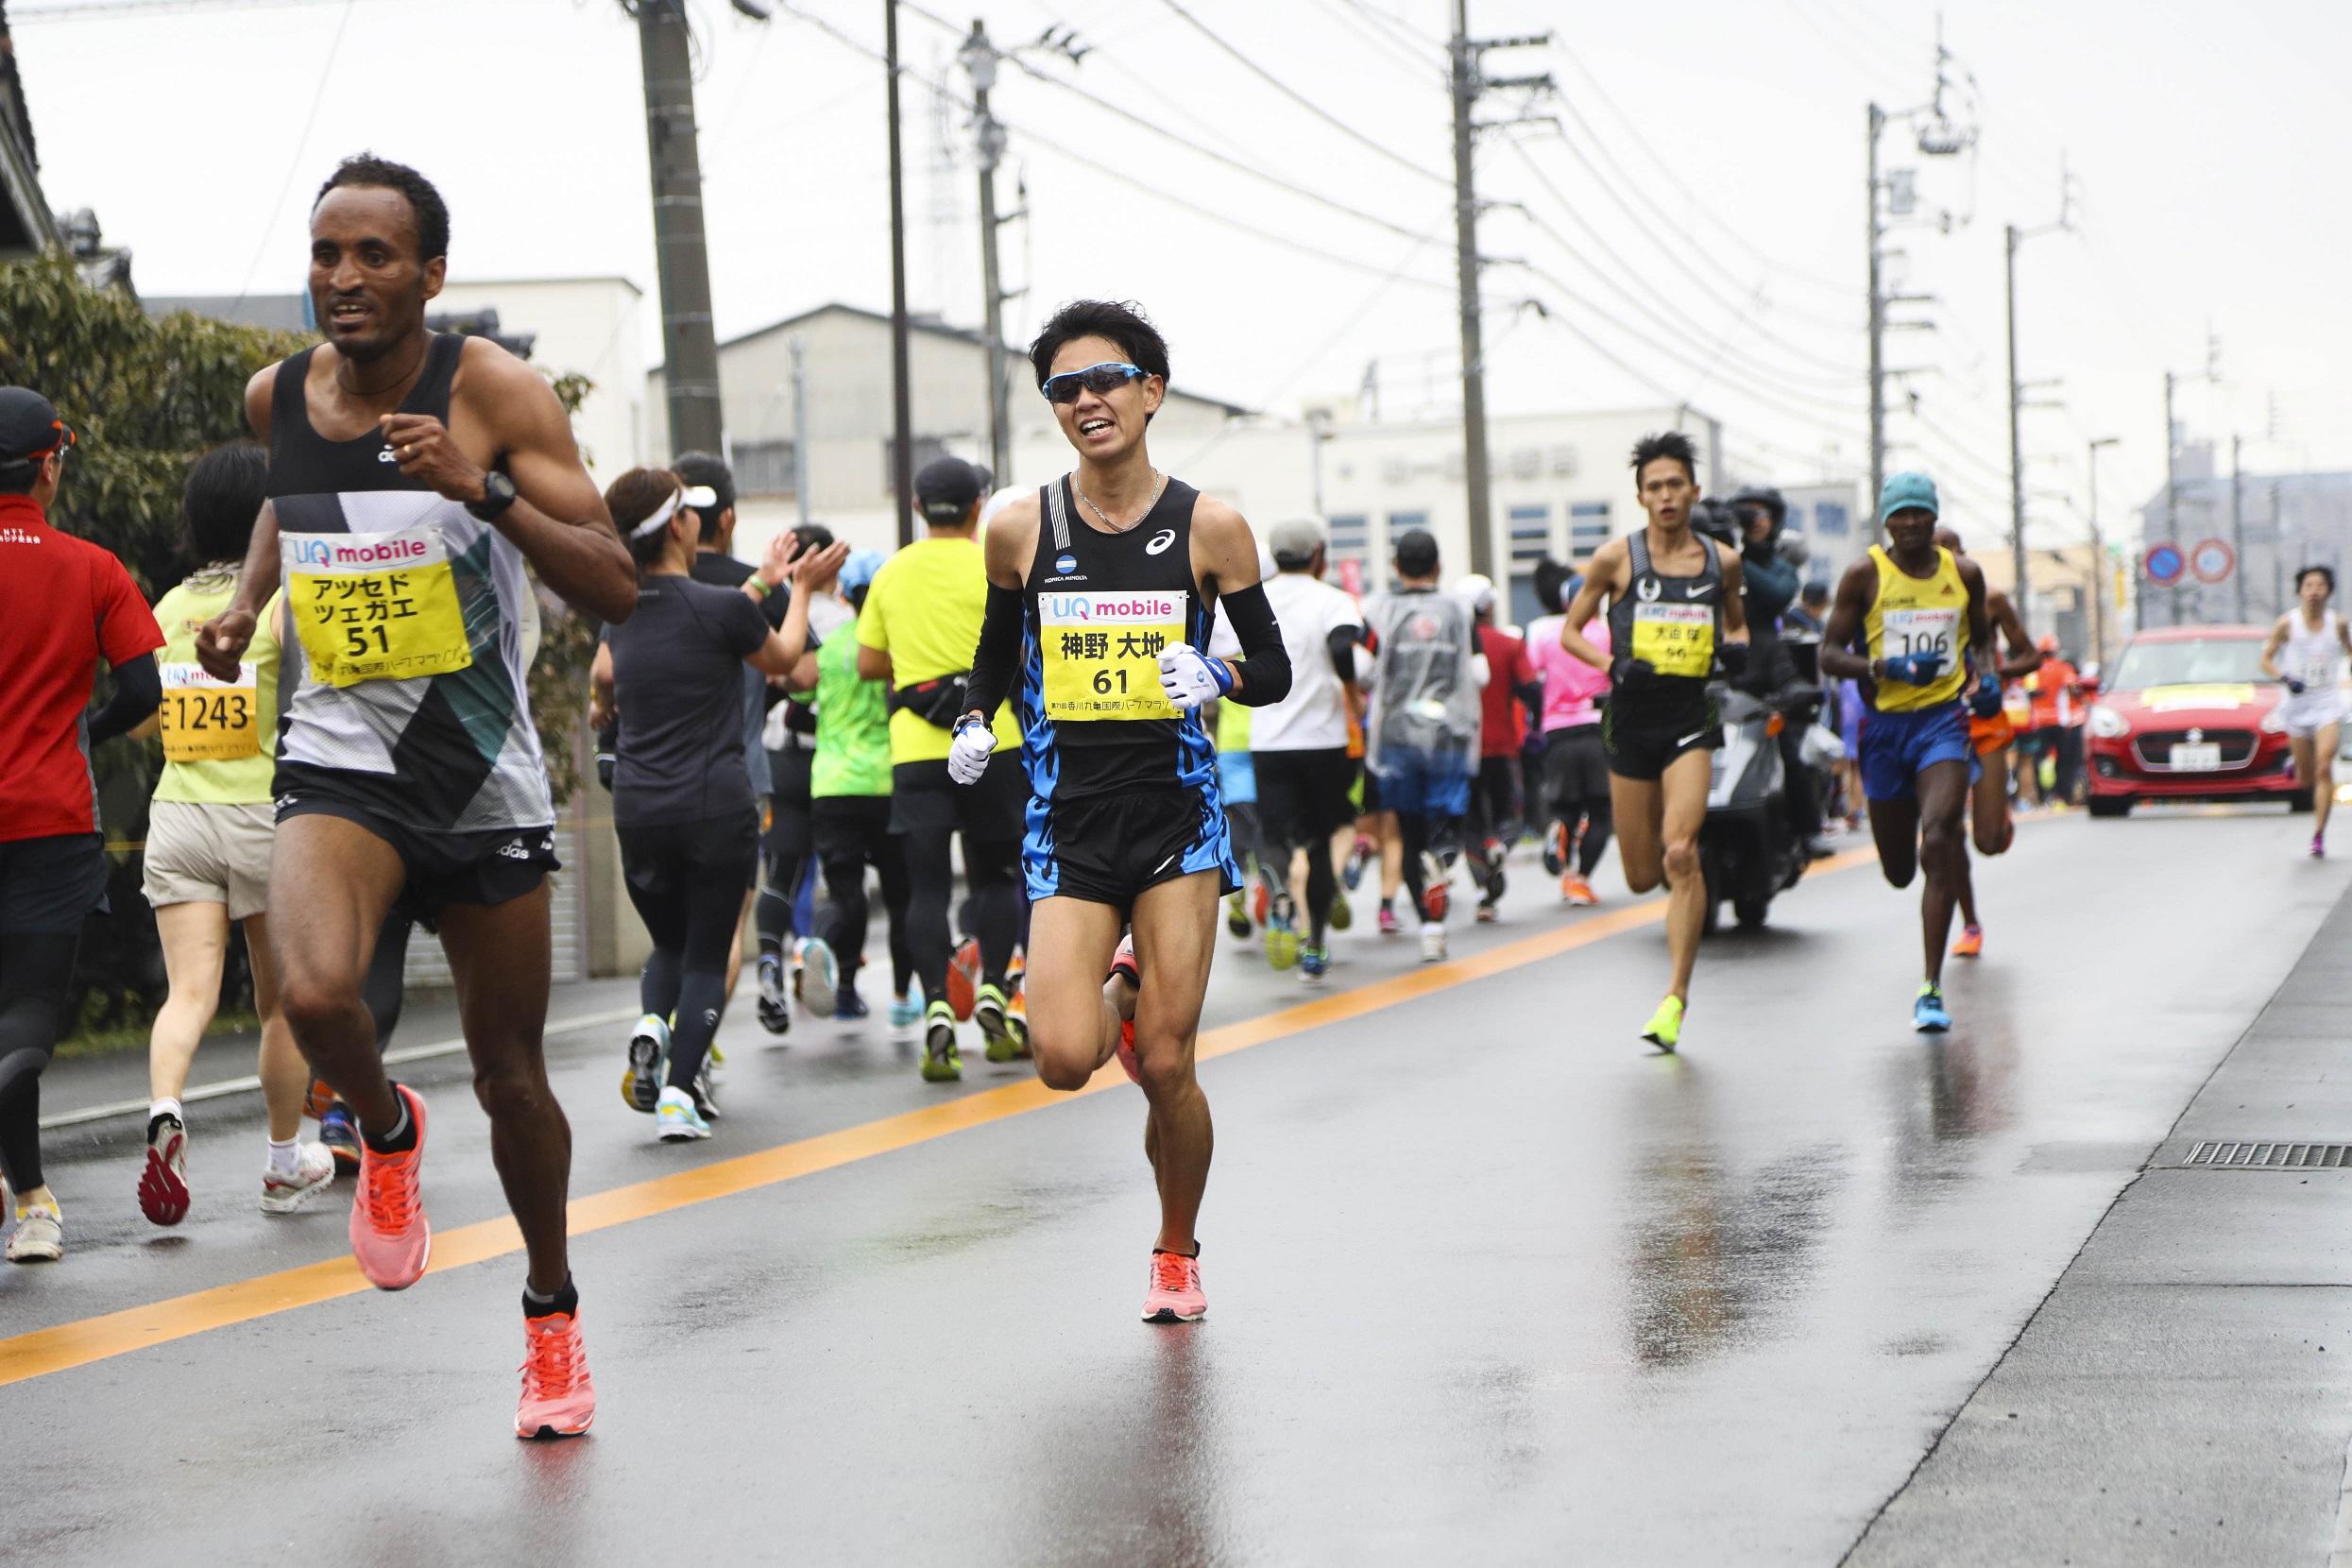 日本陸上競技連盟公式サイト